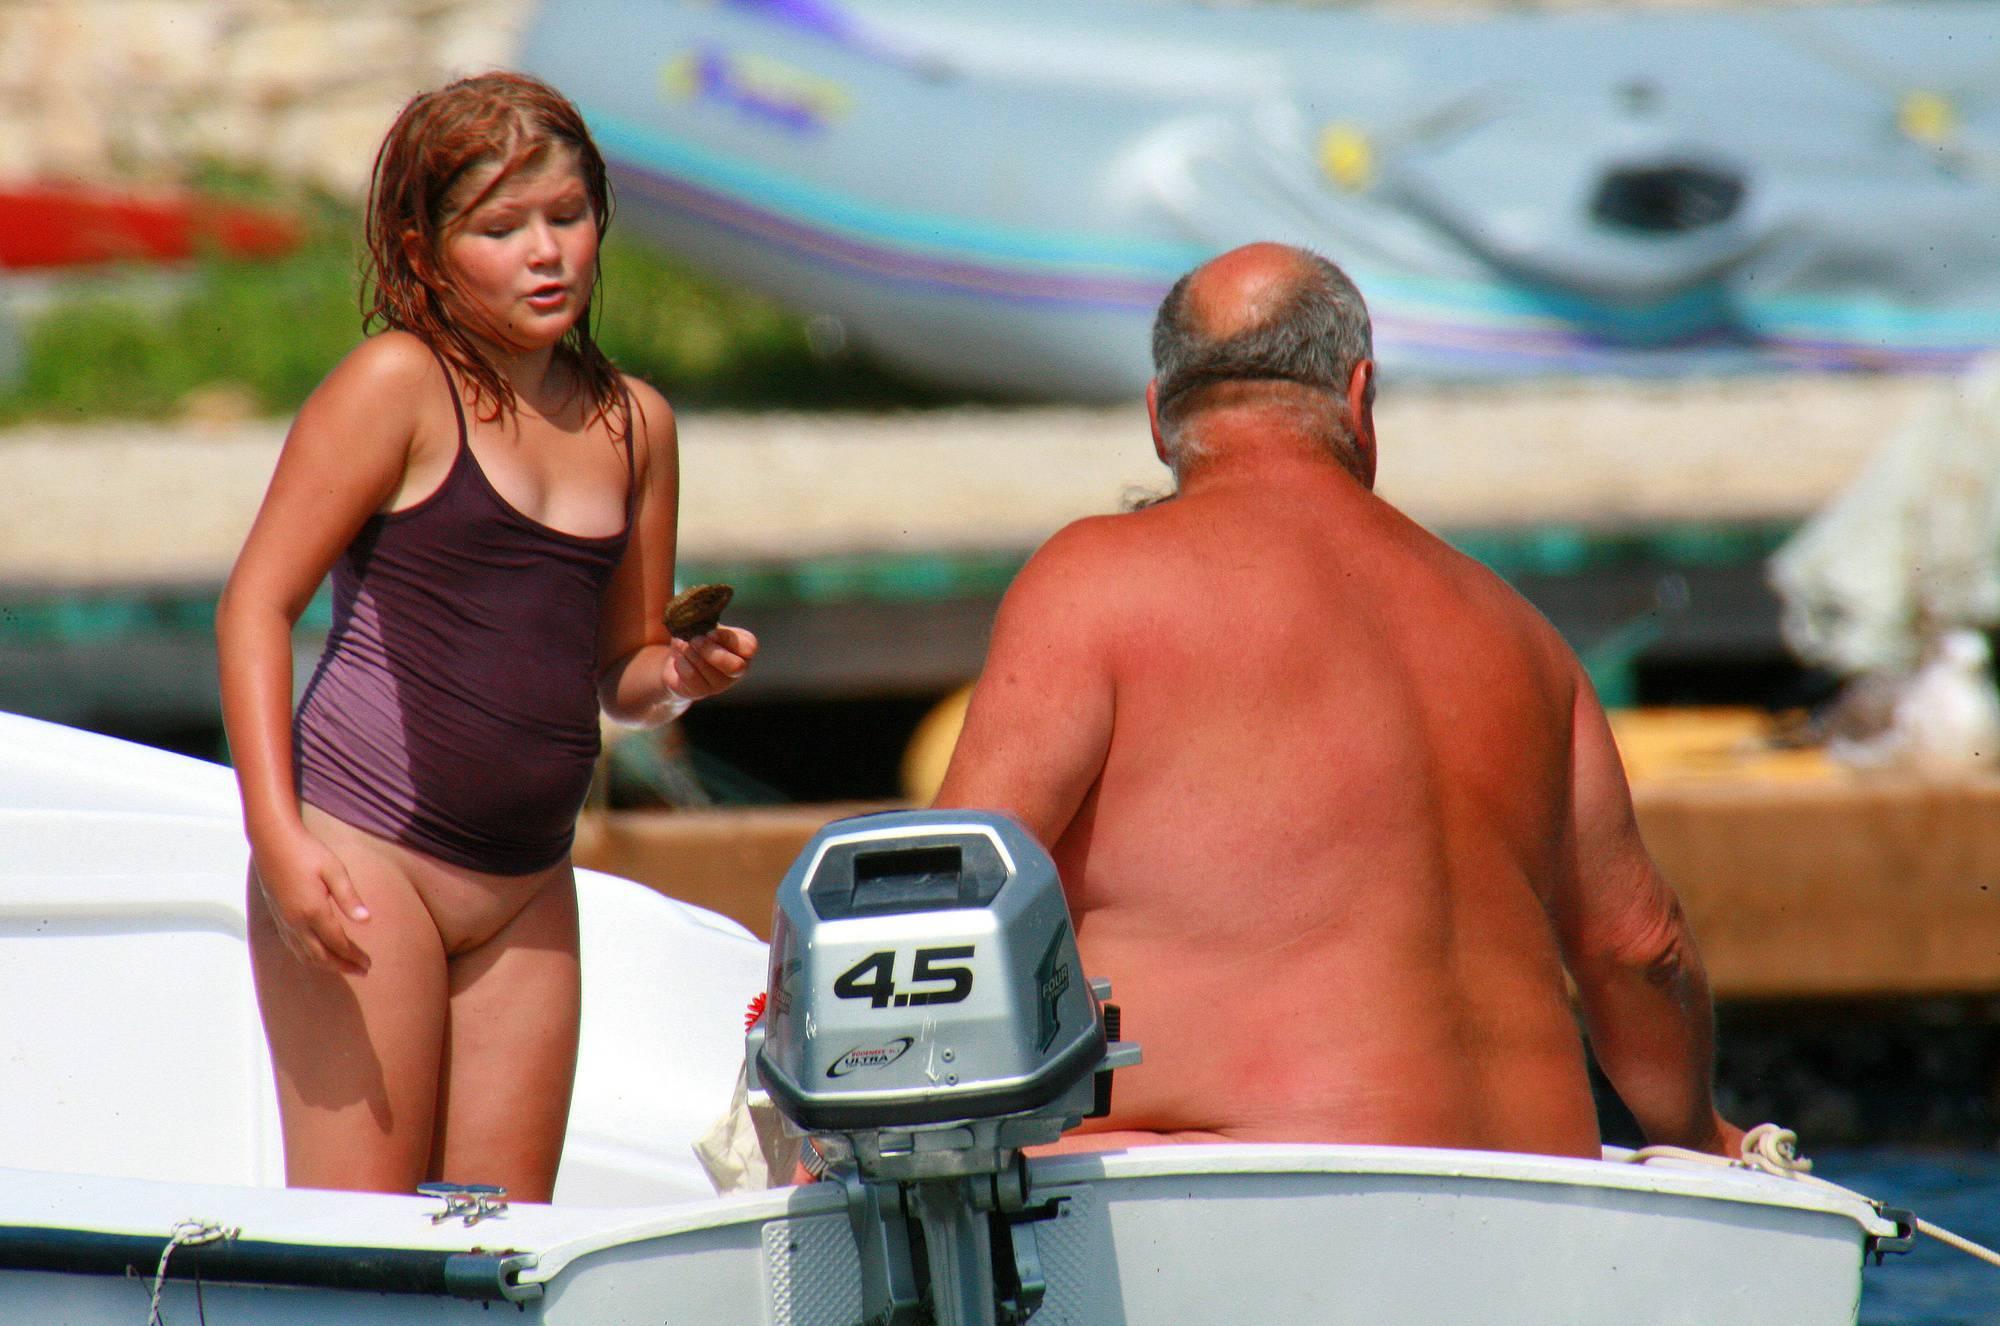 Nudist Gallery Uka FKK In-Water Boating - 1